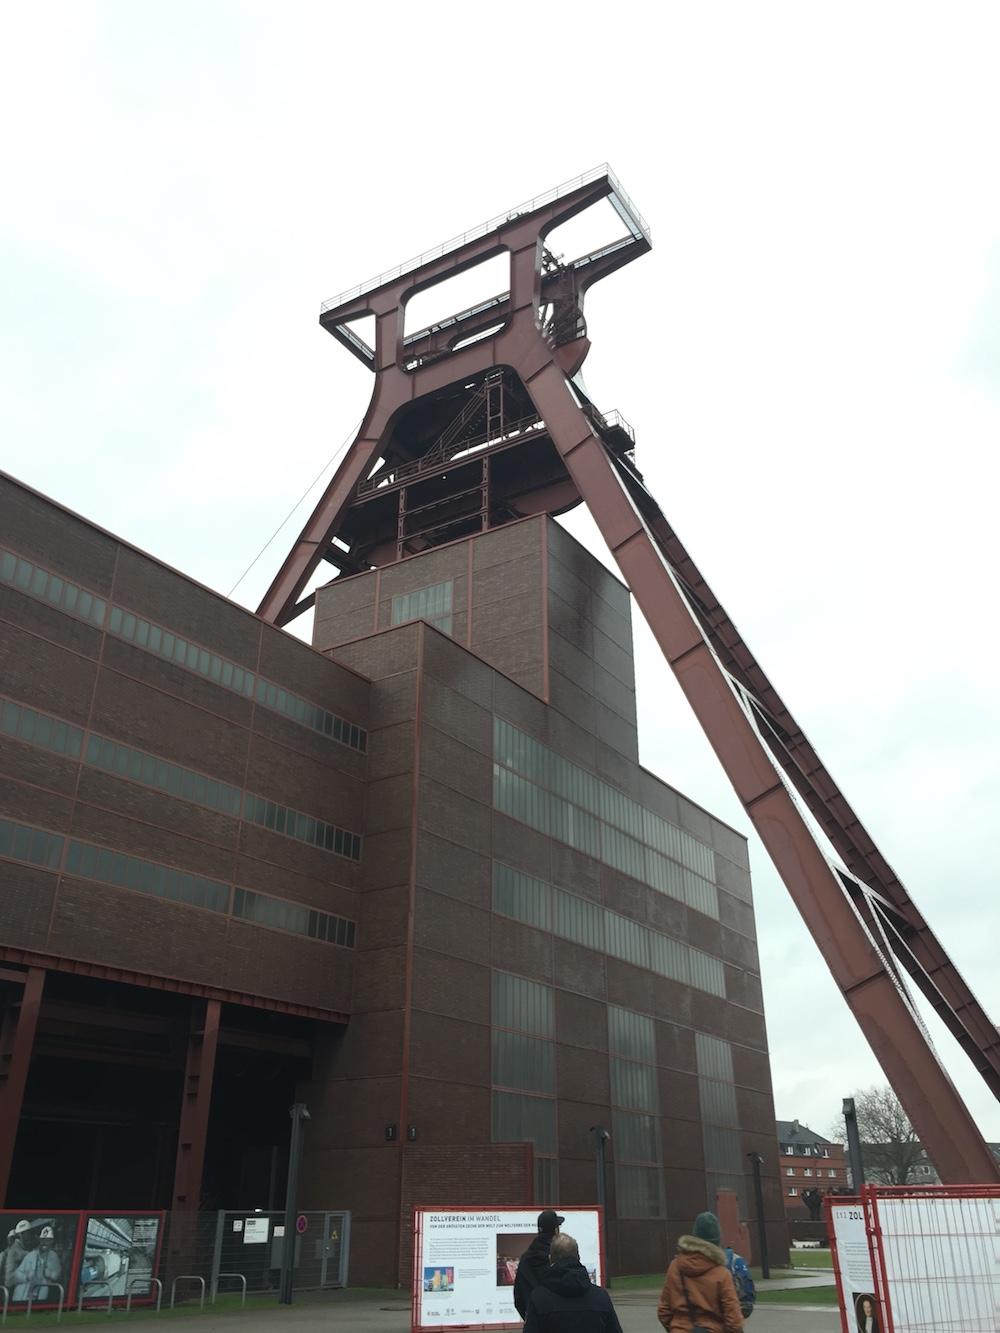 Der imposante Förderturm der Zeche Zollverein in Essen